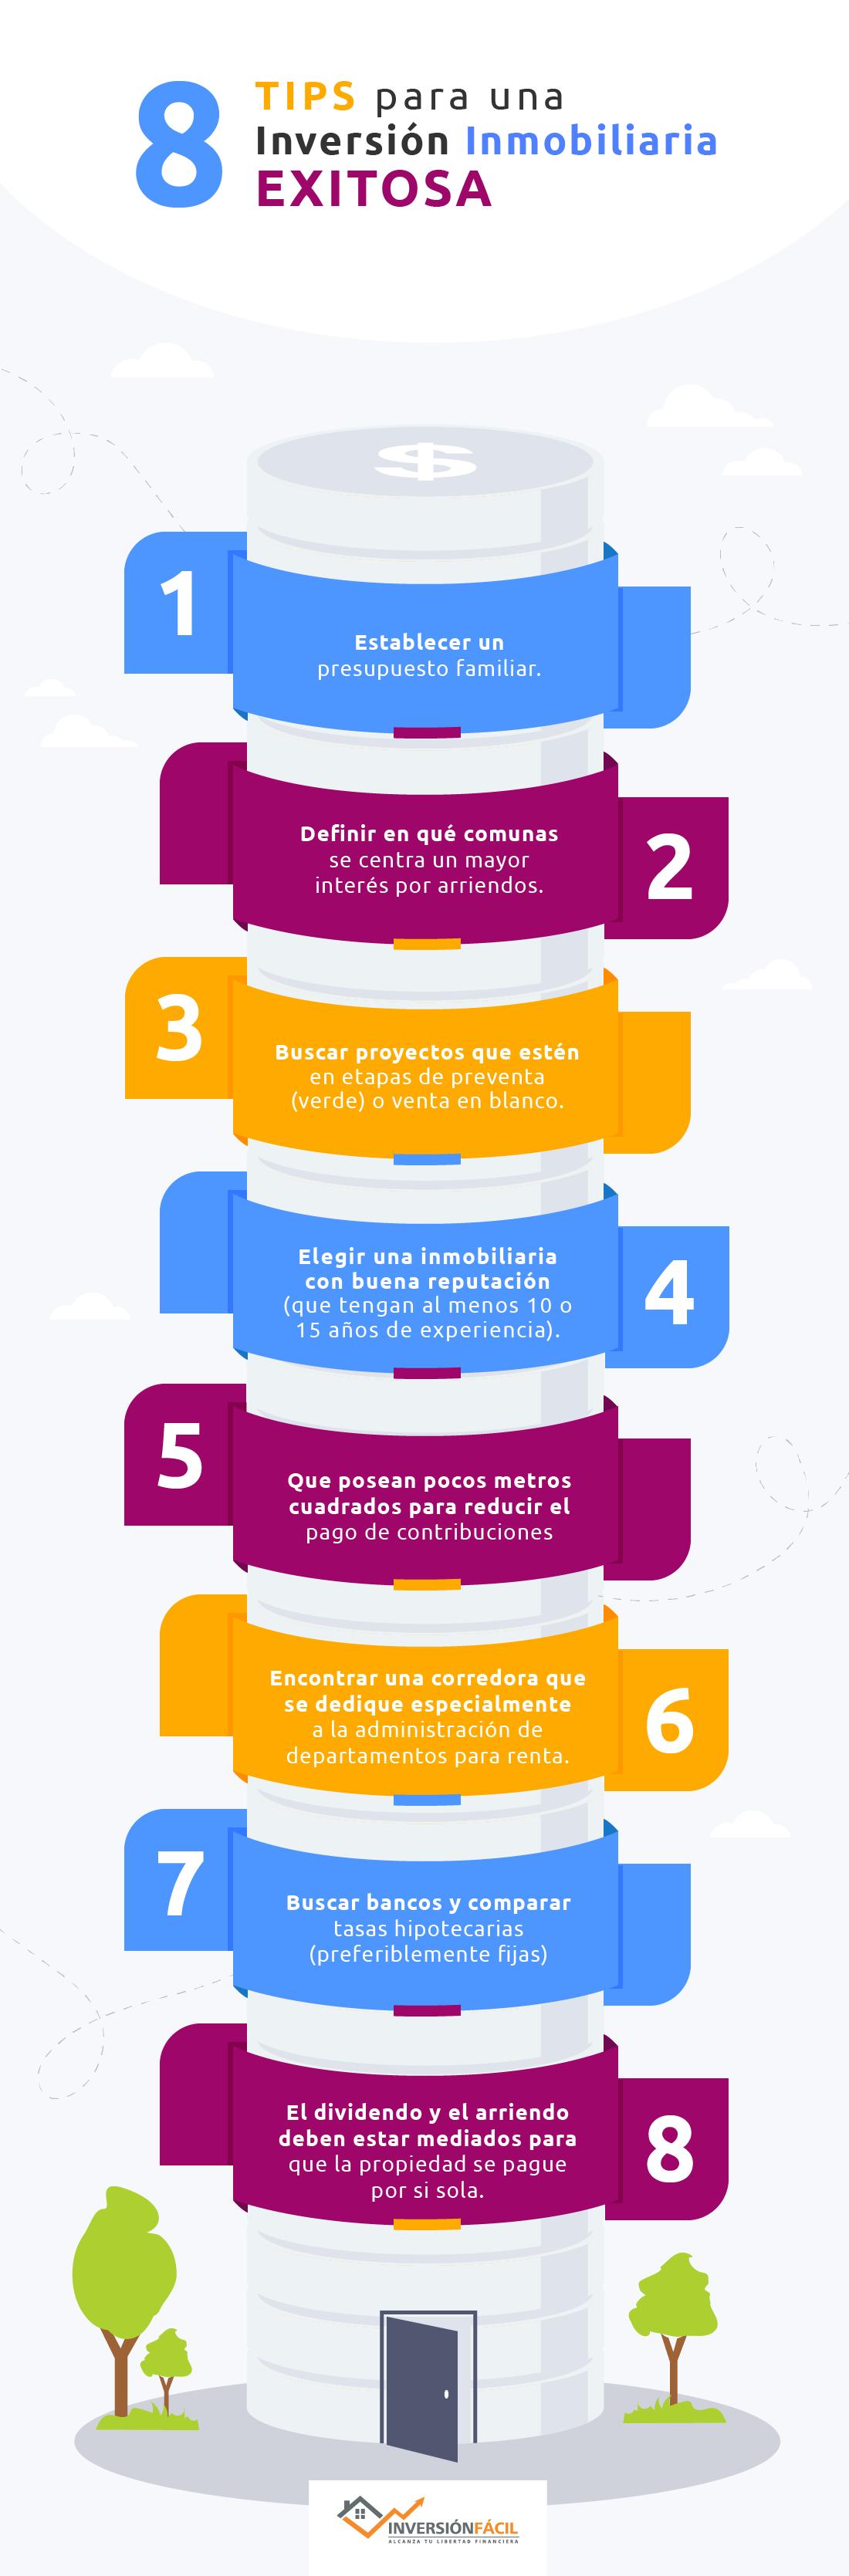 8 Tips para una Inversión Inmobiliaria exitosa